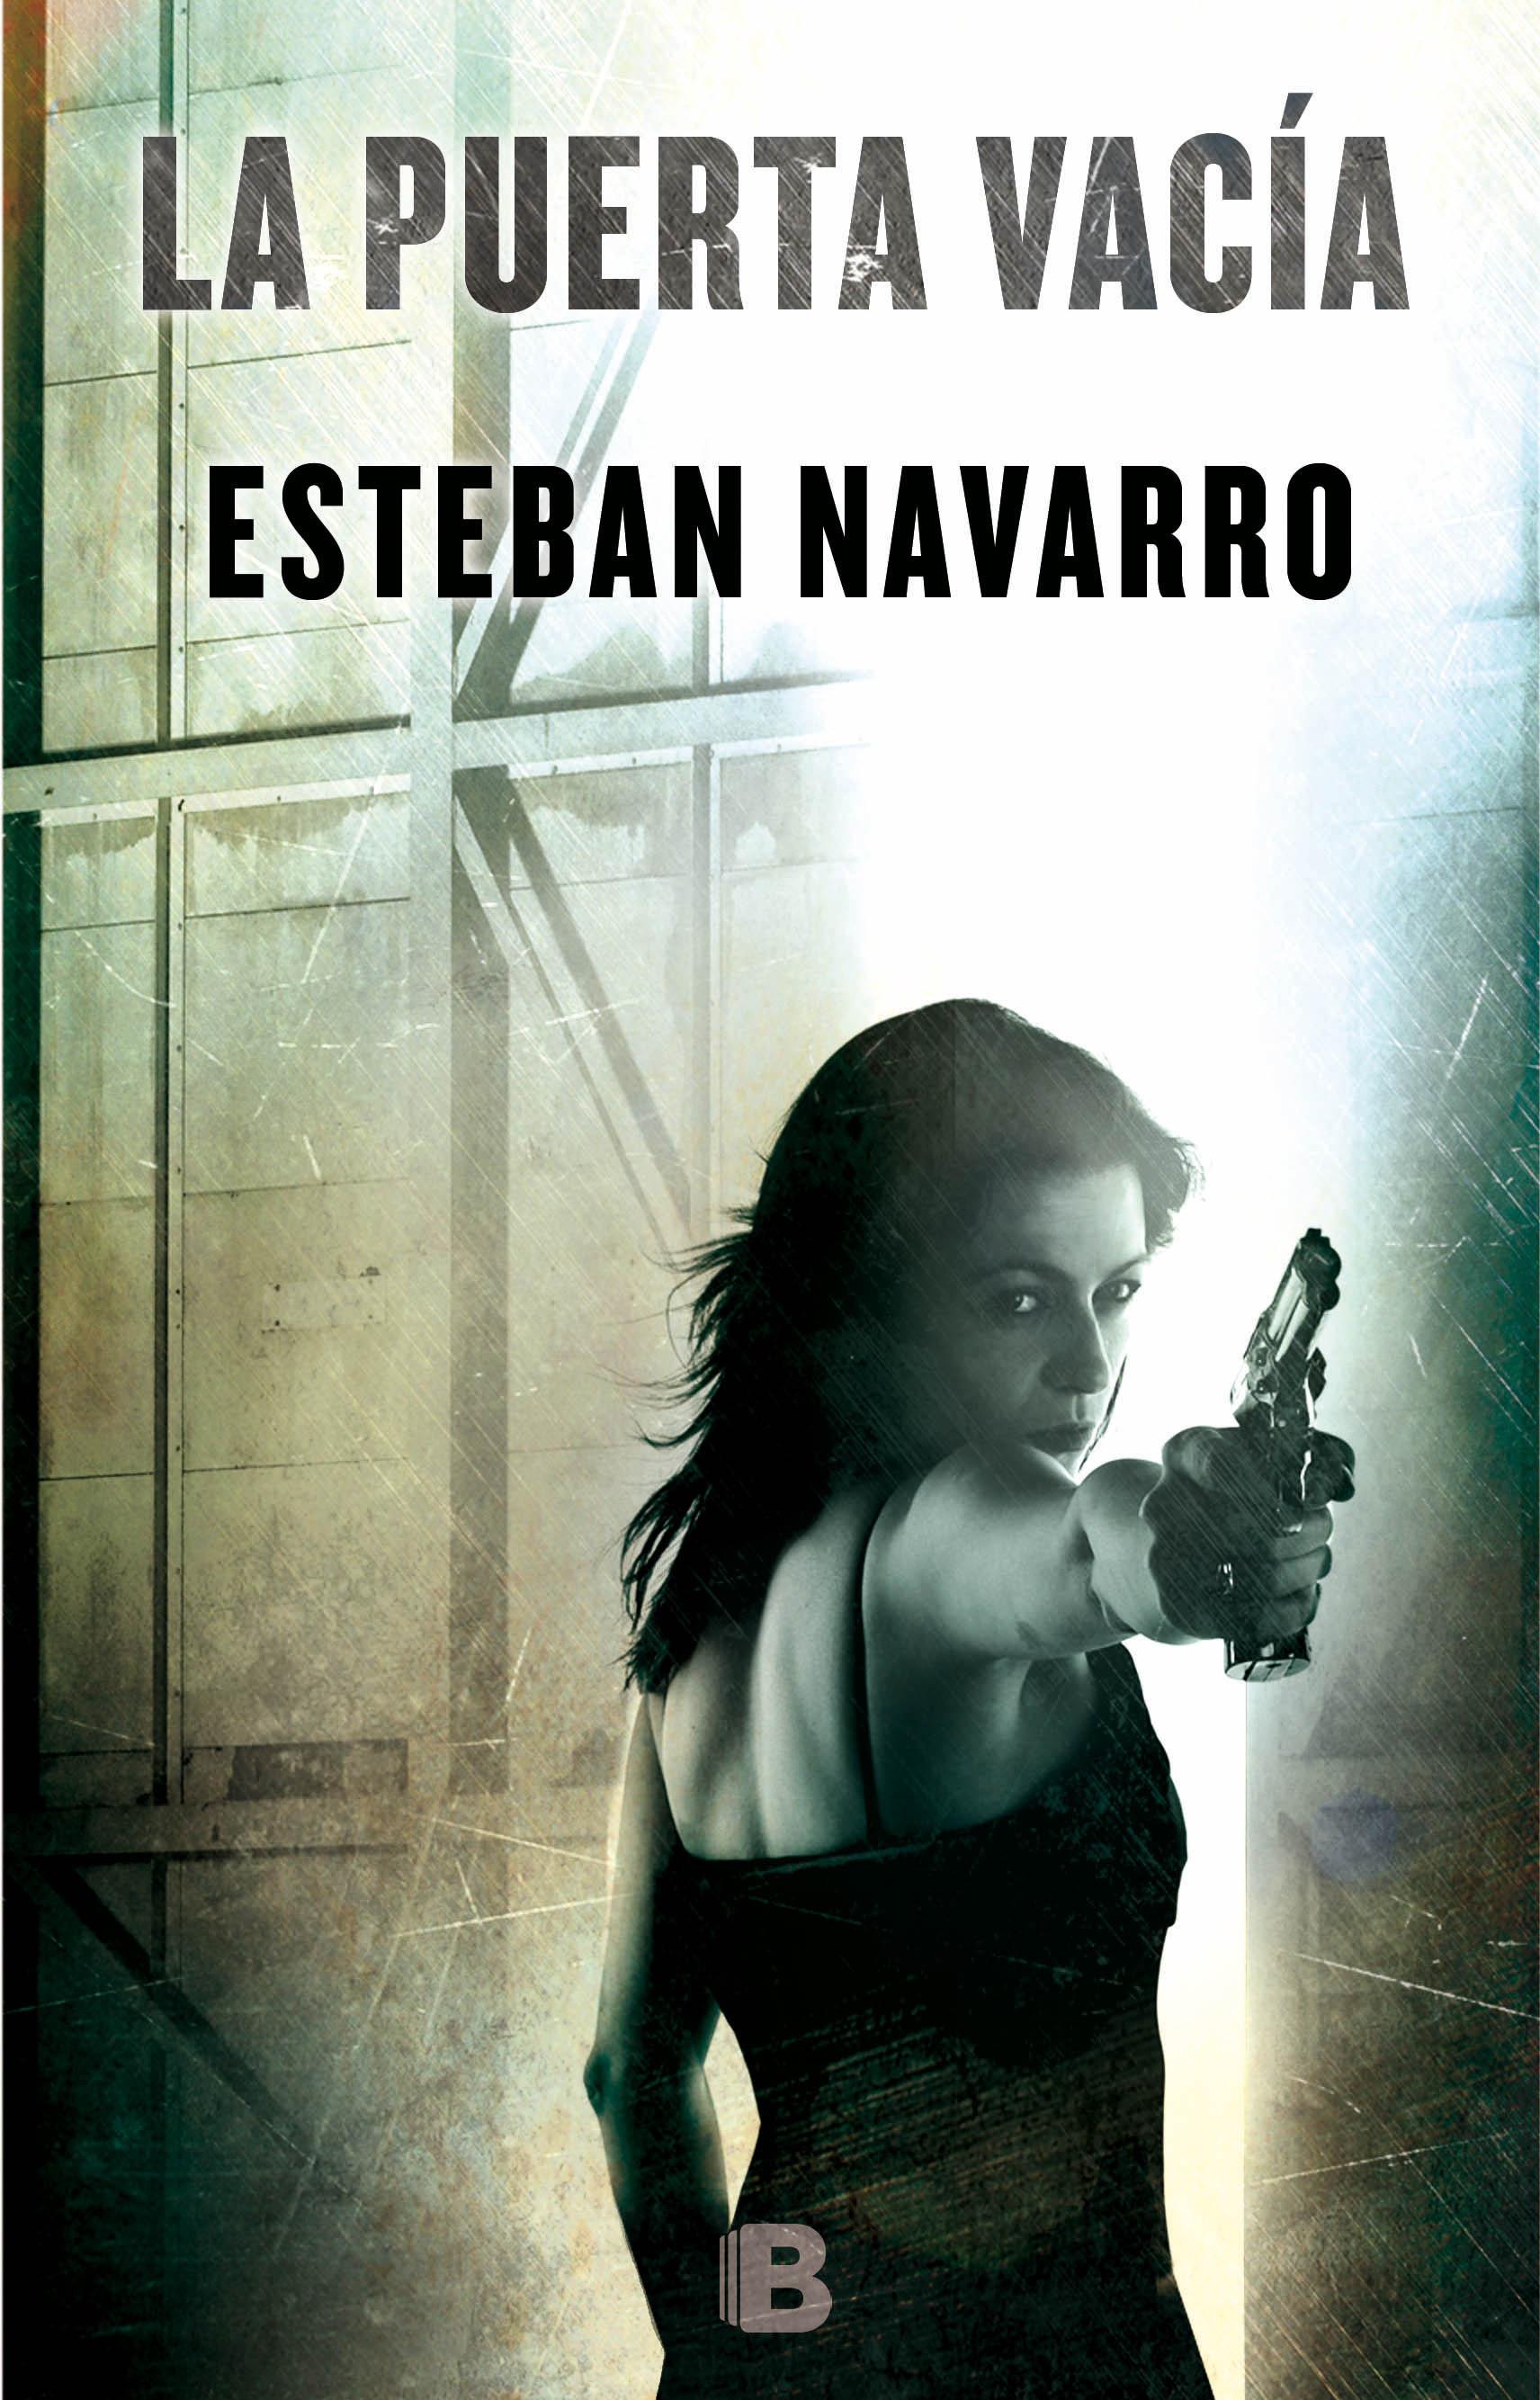 La puerta vacia - Esteban Navarro Portada